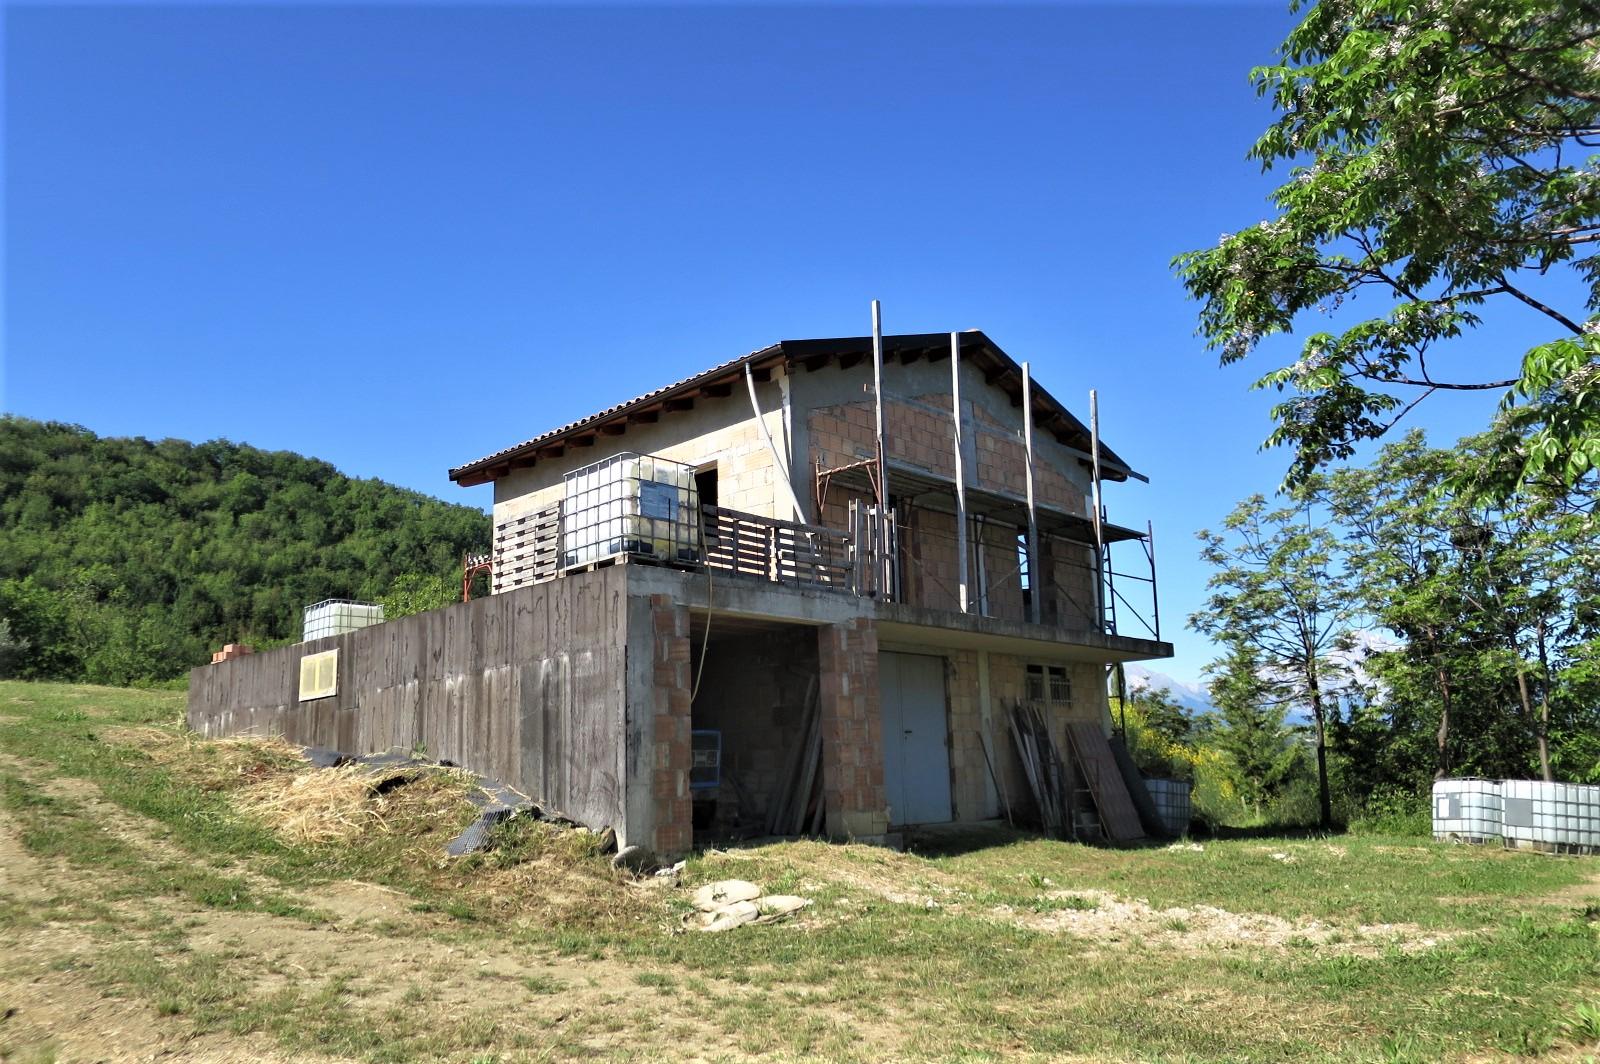 Country Houses Country Houses for sale Castiglione Messer Raimondo (TE), Casa Paradiso - Castiglione Messer Raimondo - EUR 181.096 540